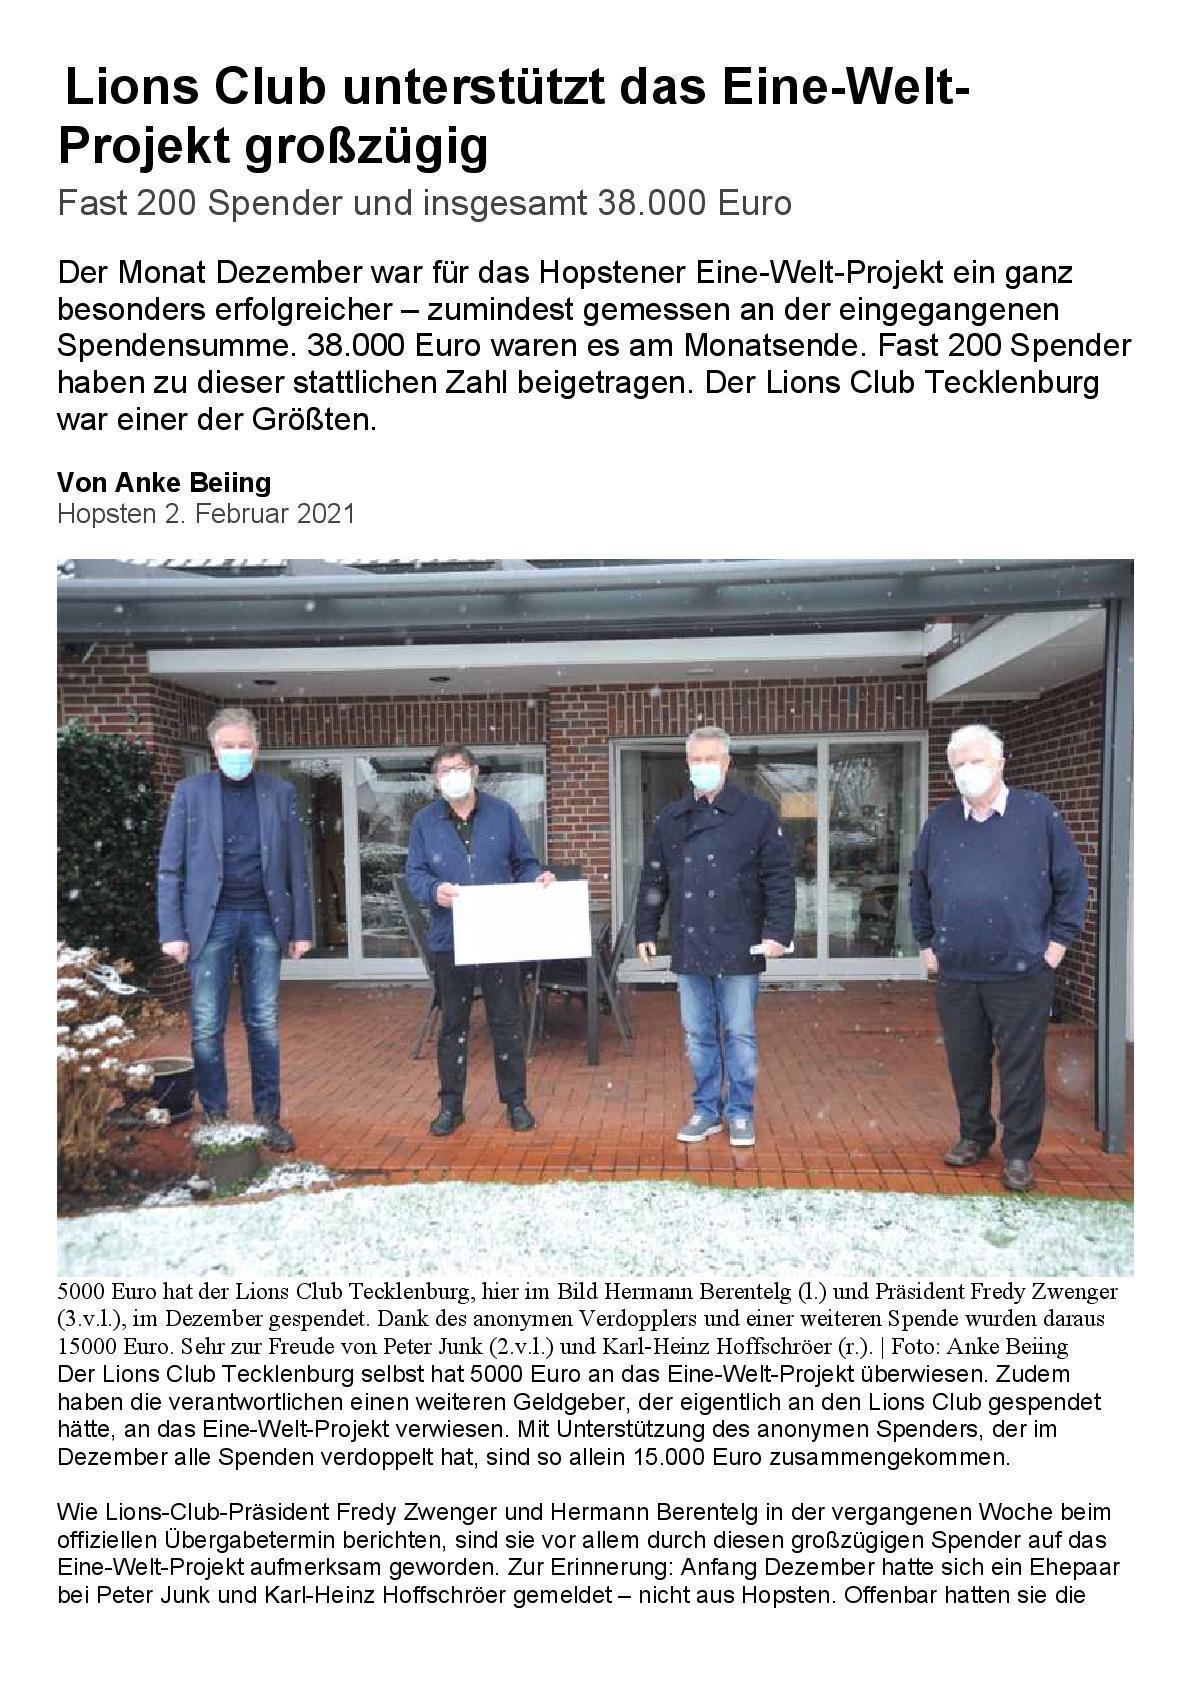 IVZ_Lions Club unterstützt das Eine-Welt-Projekt